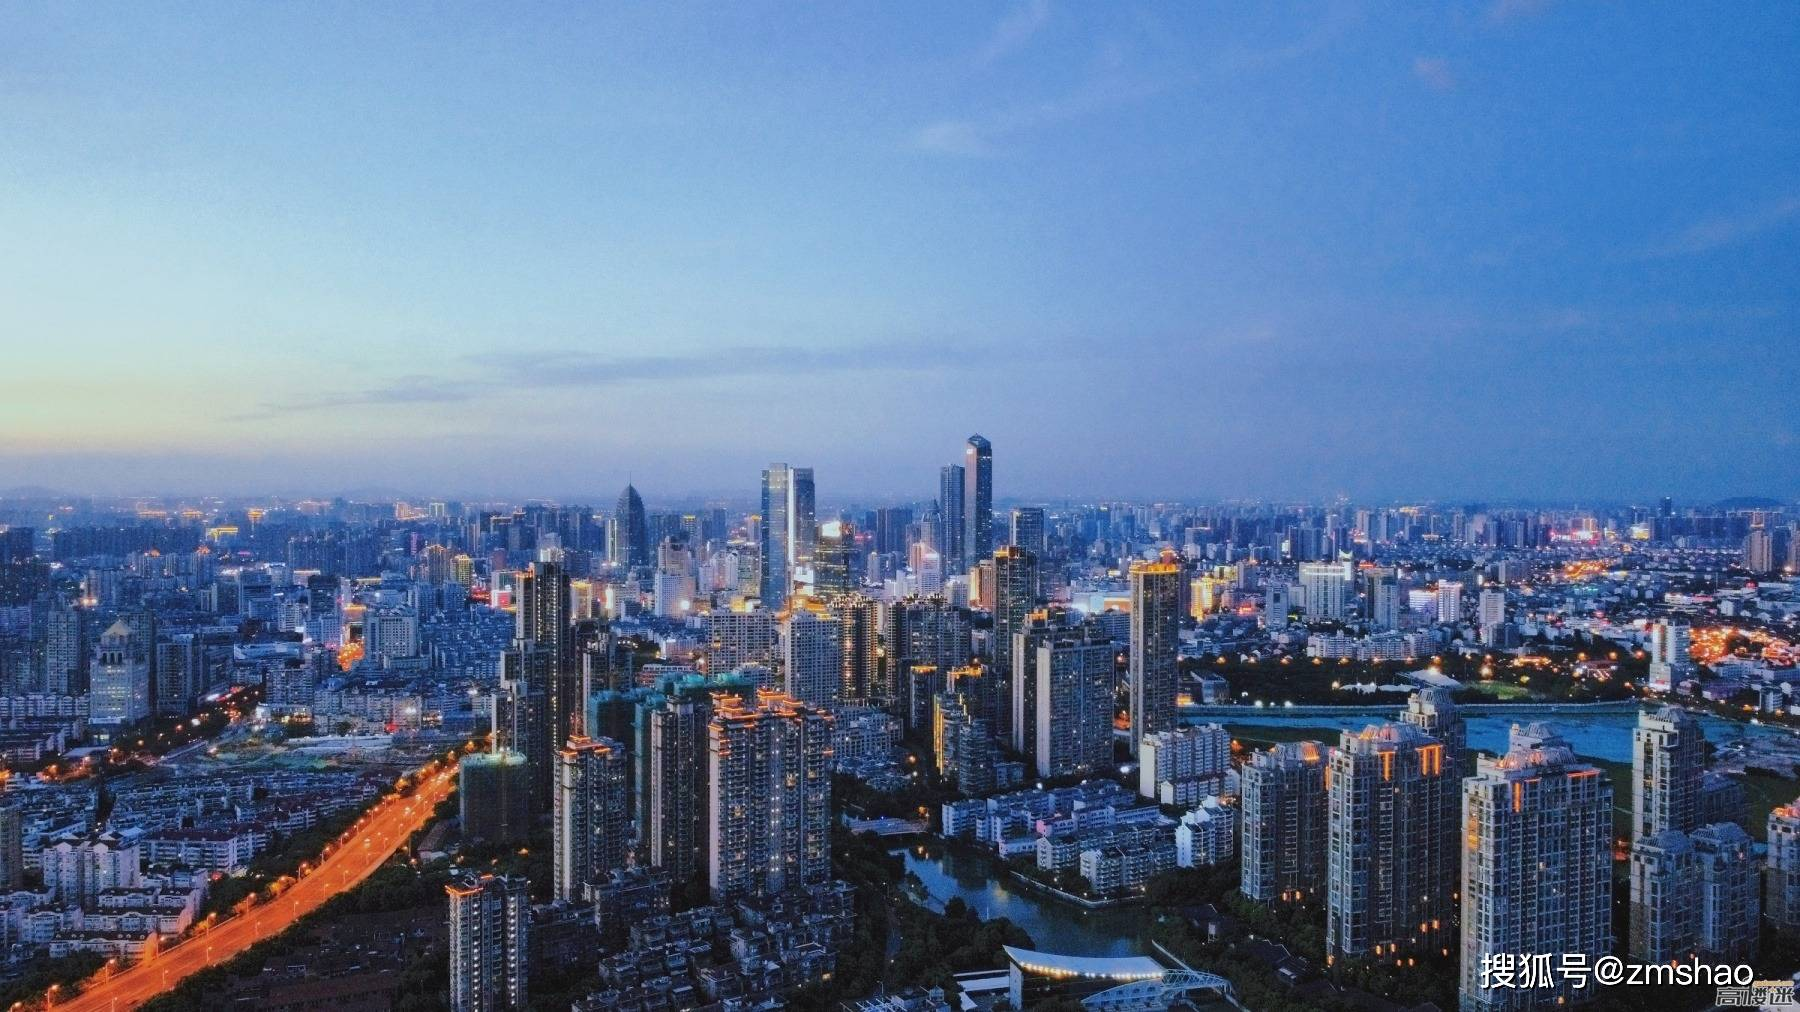 无锡高楼迷 郑州市高楼迷论坛